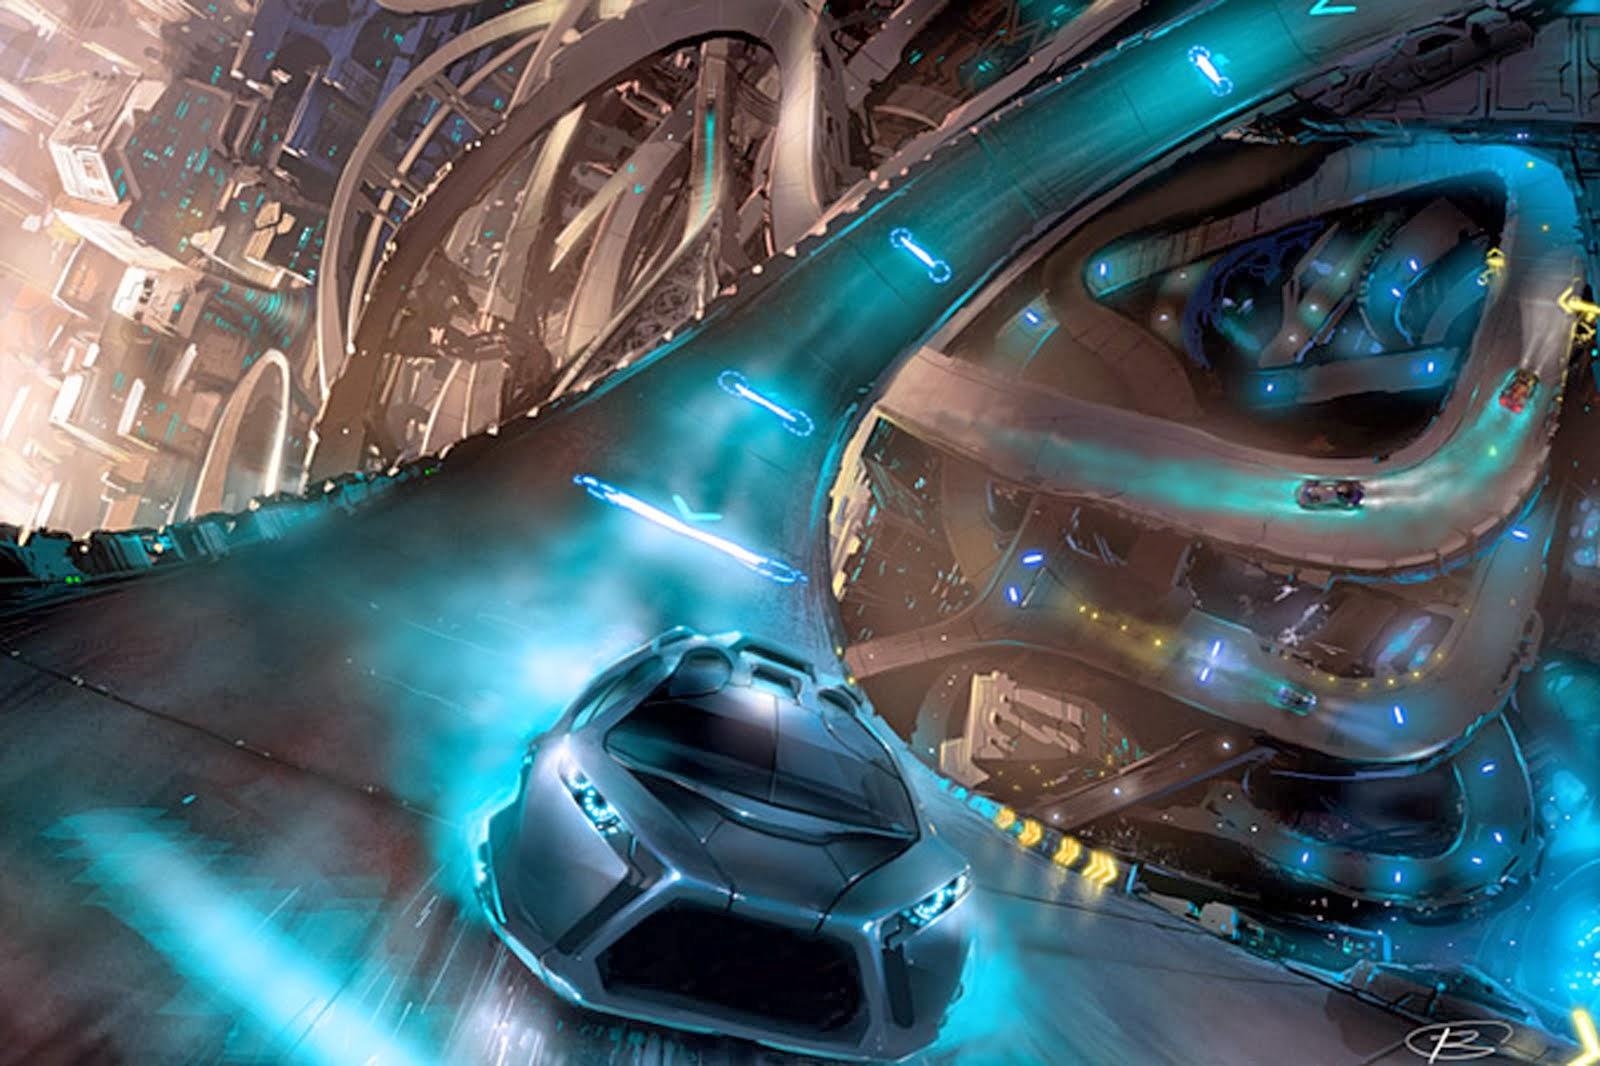 Futuristic Race Car Concept